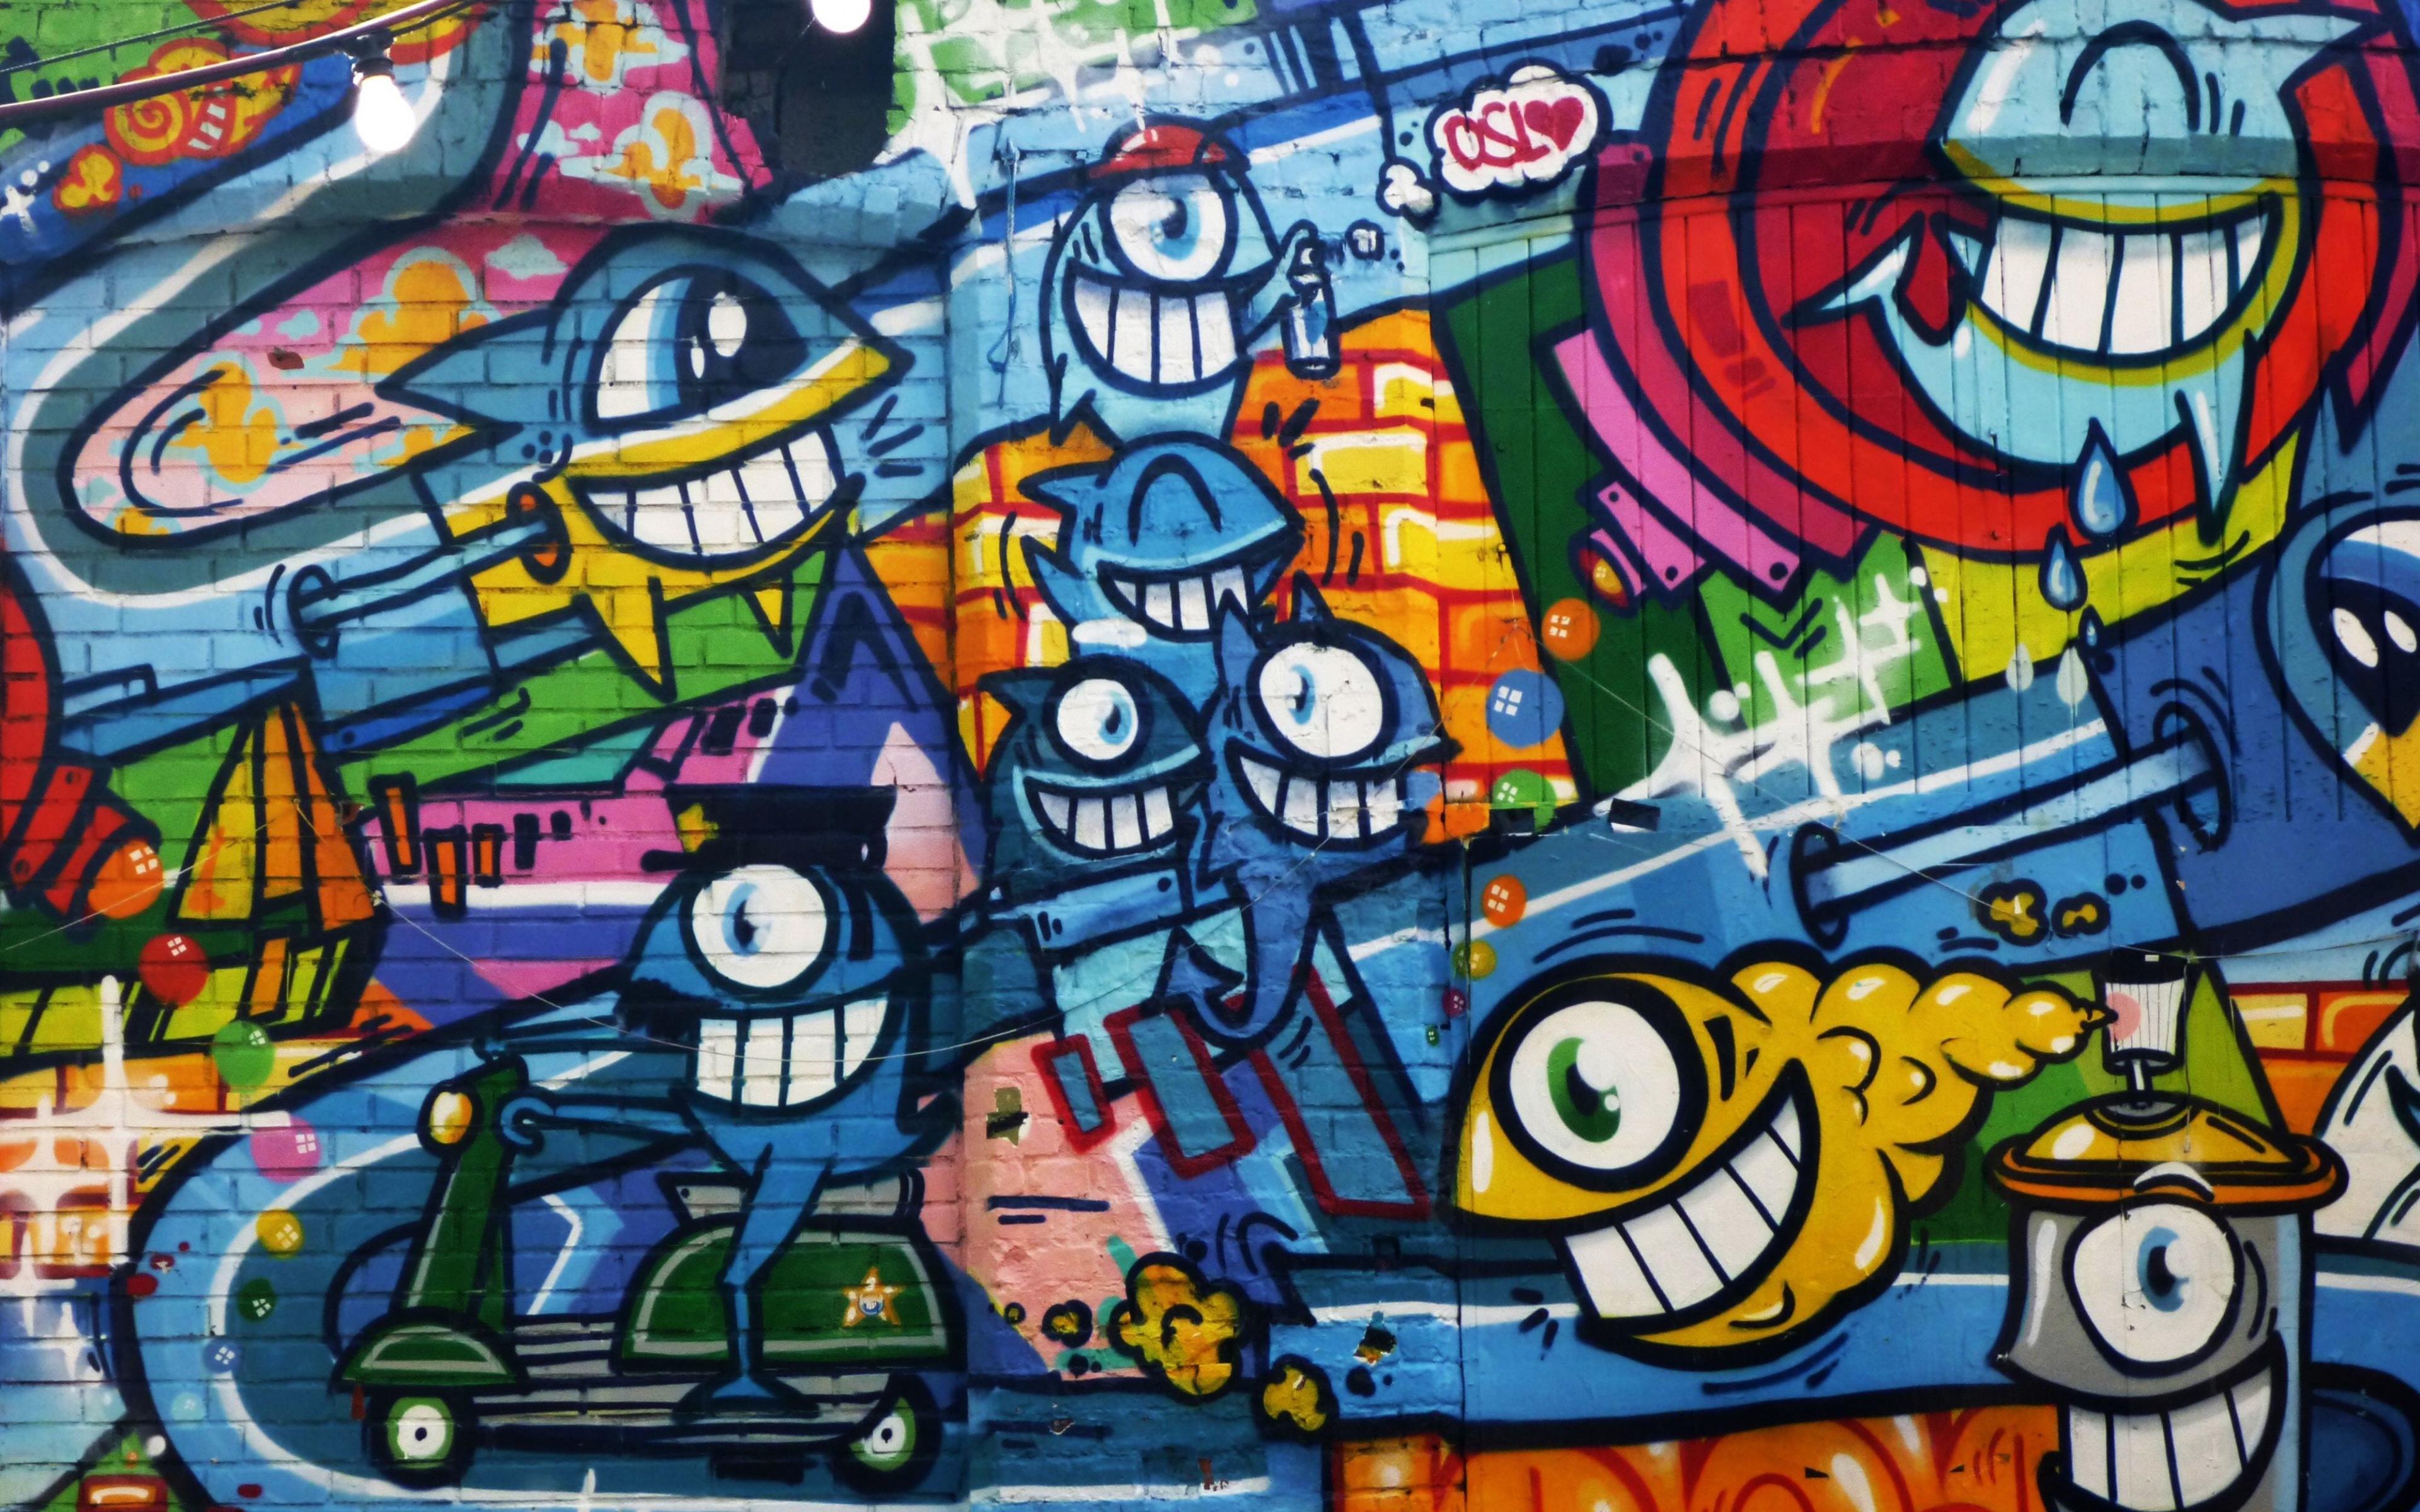 Graffiti Wall Art Bright Street Wall 3840X2400 Wallpaper